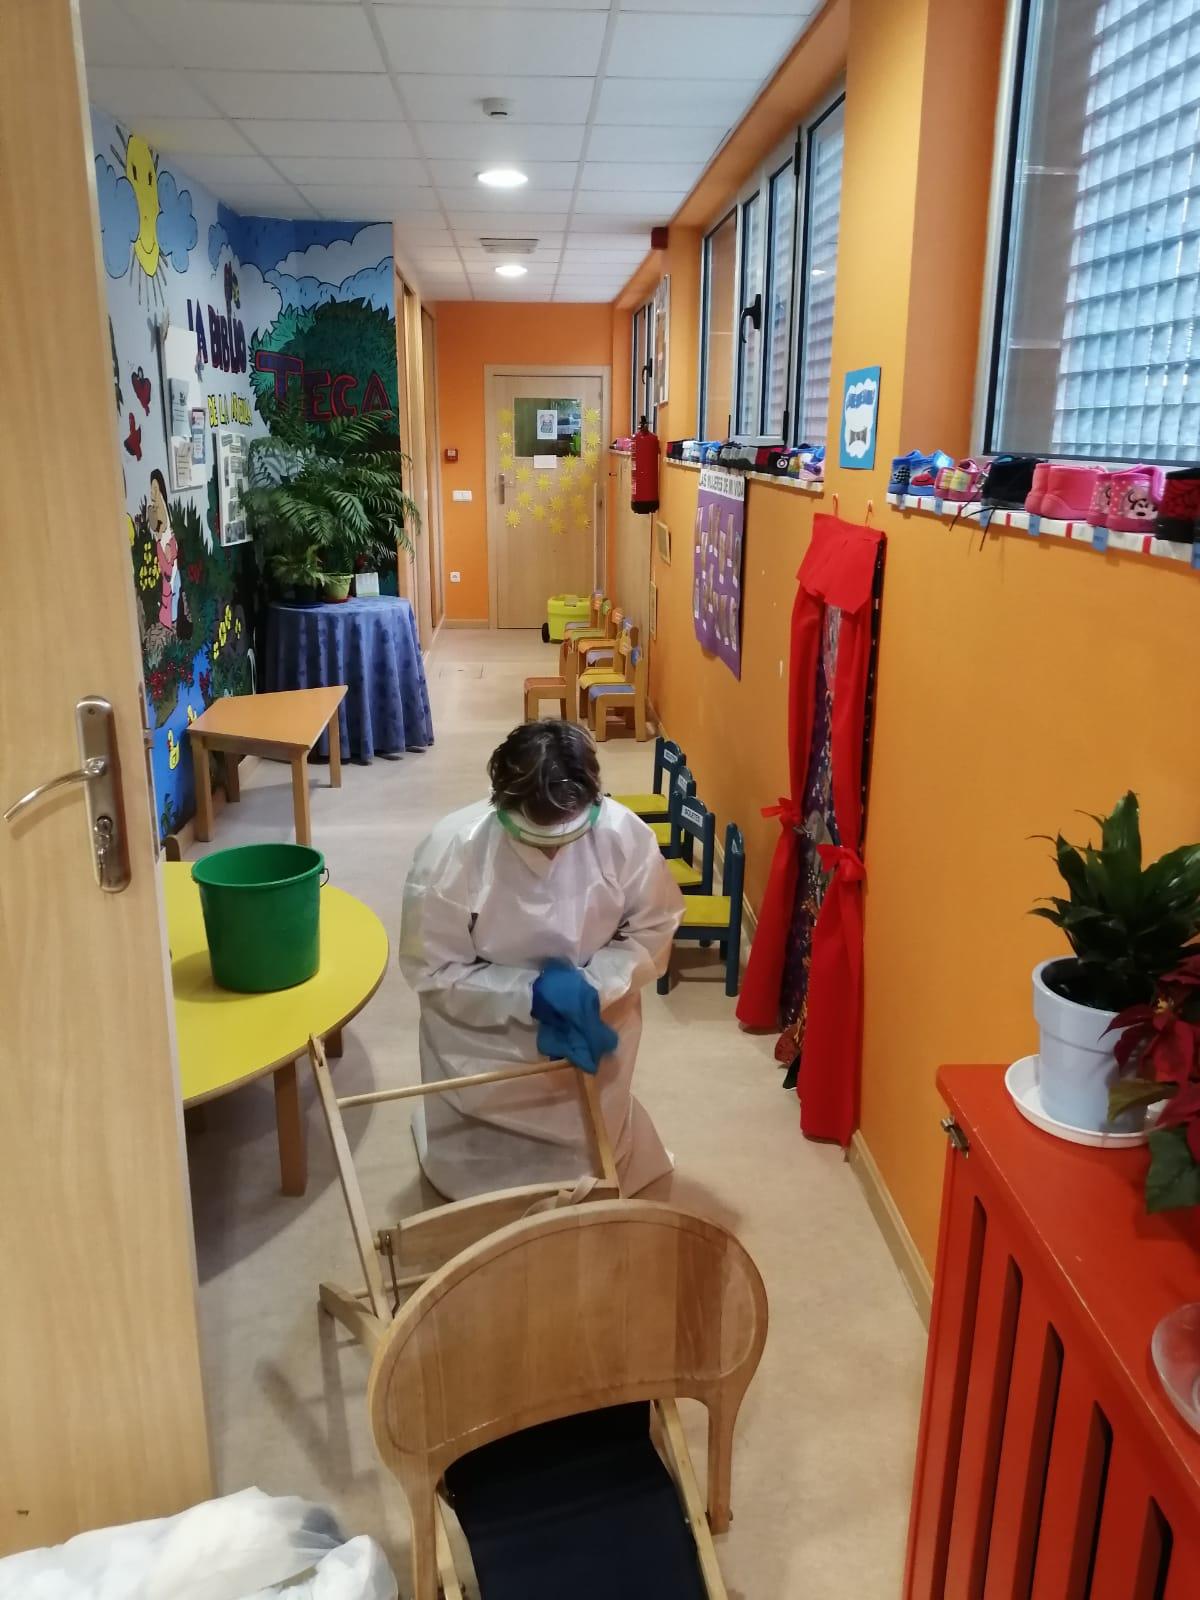 Cangas del Narcea cierra de manera preventiva la escuela de 0 a 3 años tras detectarse el positivo por coronavirus en una alumna y una educadora